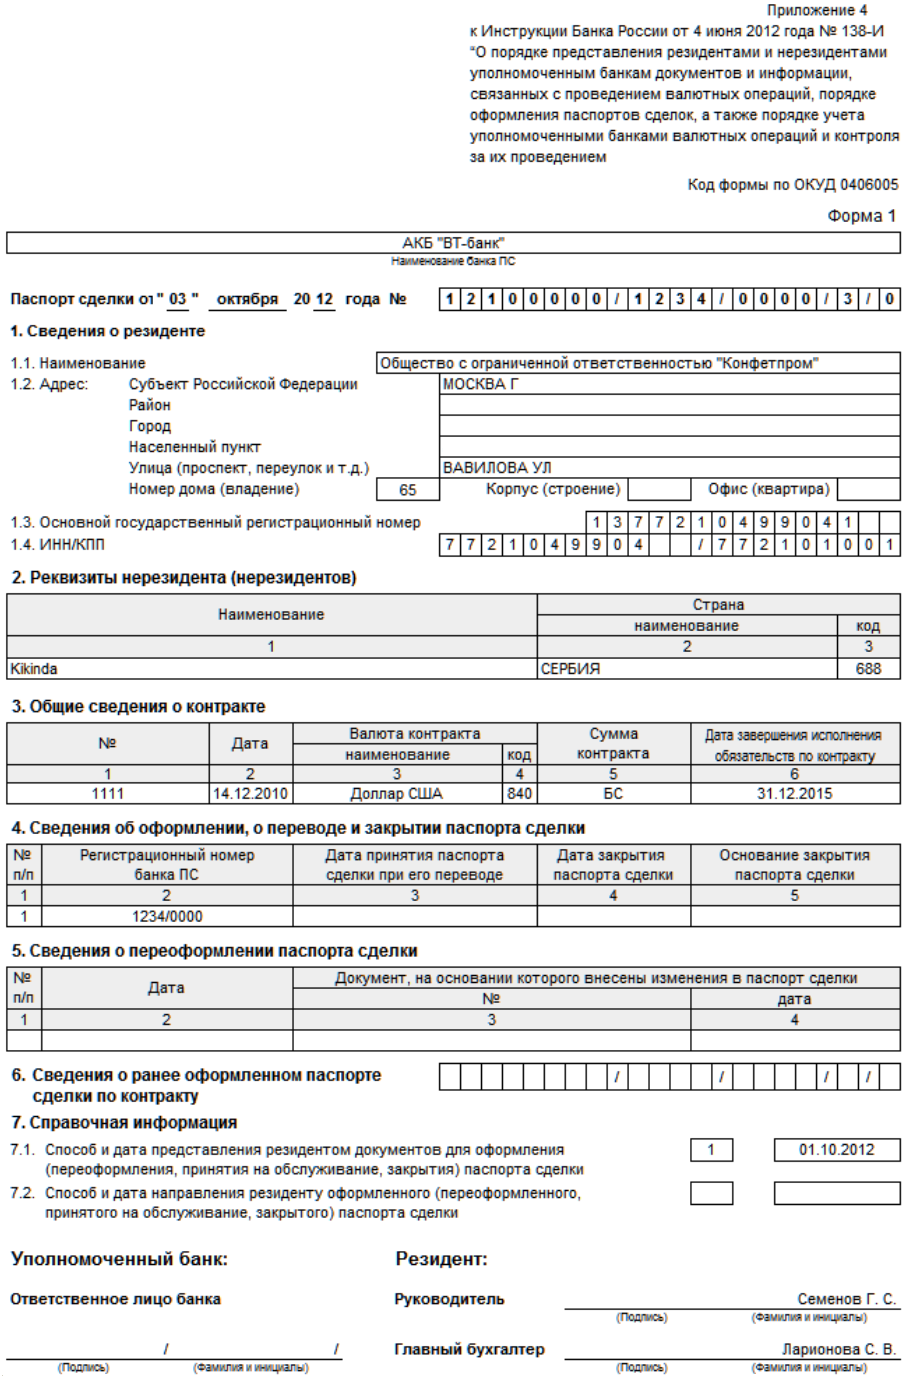 Пример заполнения Паспорта Сделки